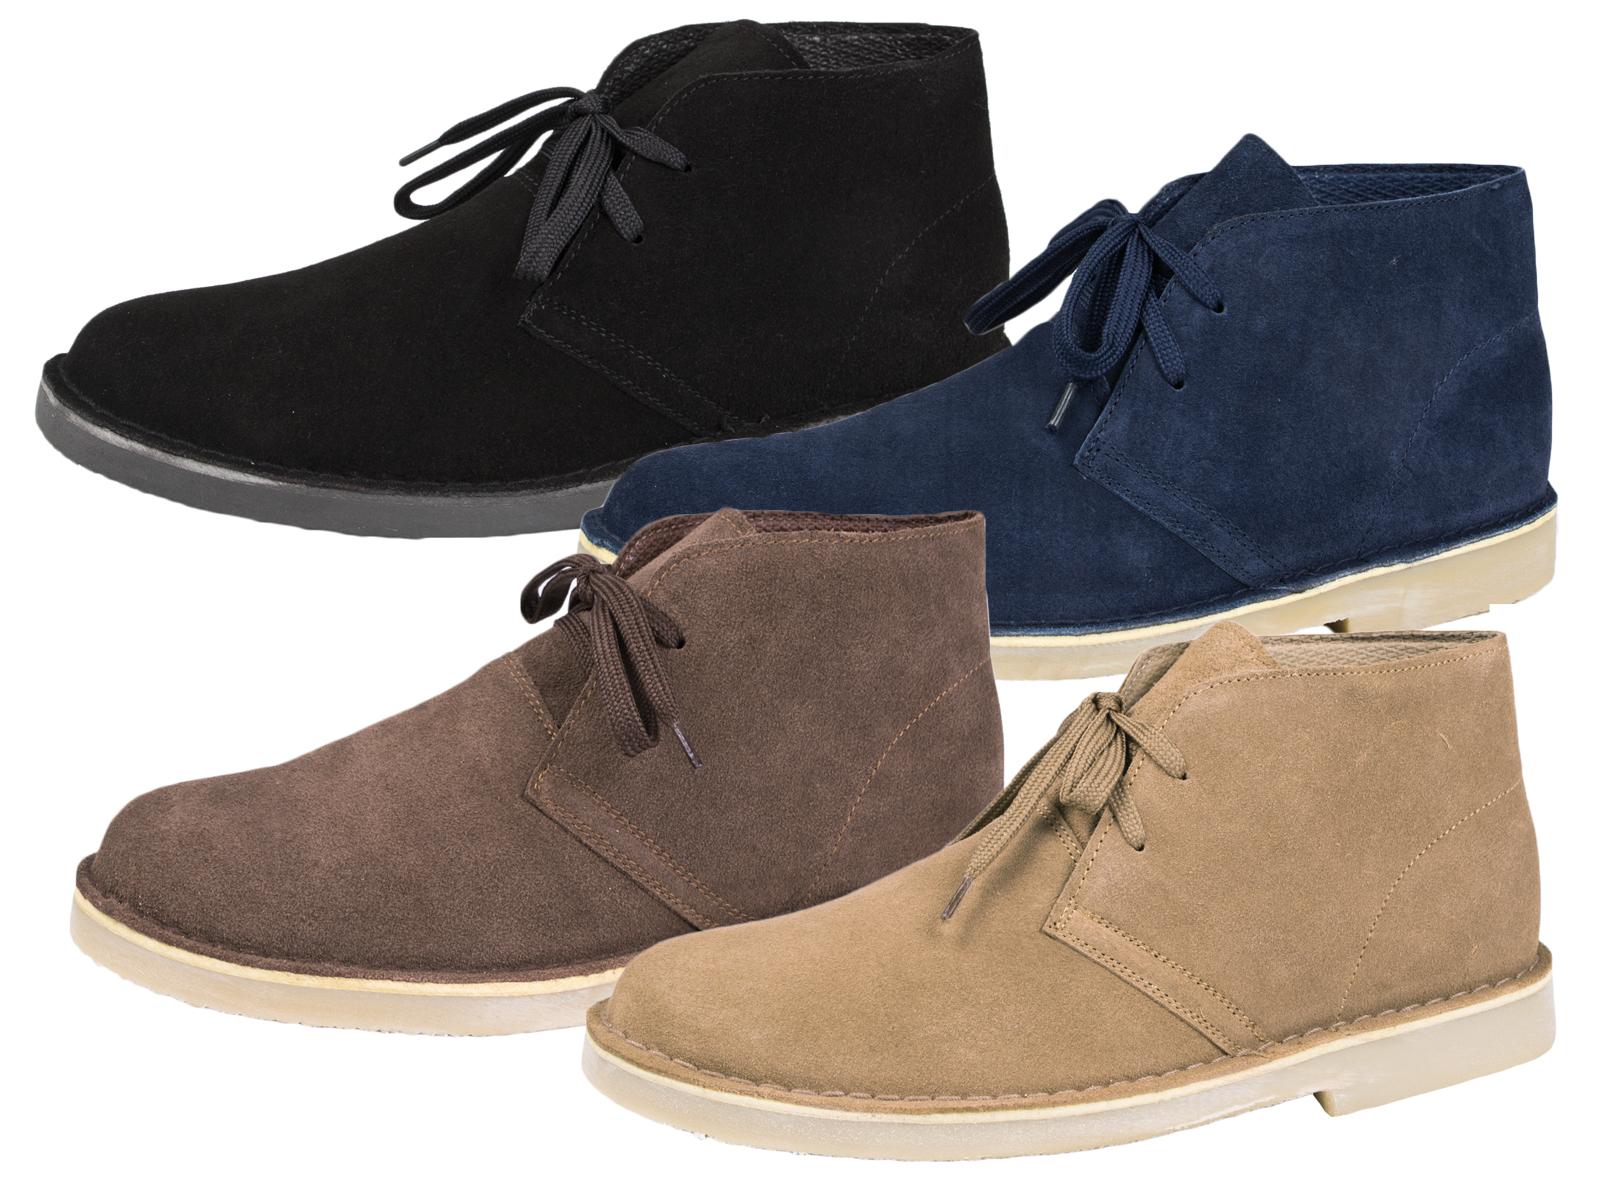 Mens Suede Lace Up Desert Boots Faux